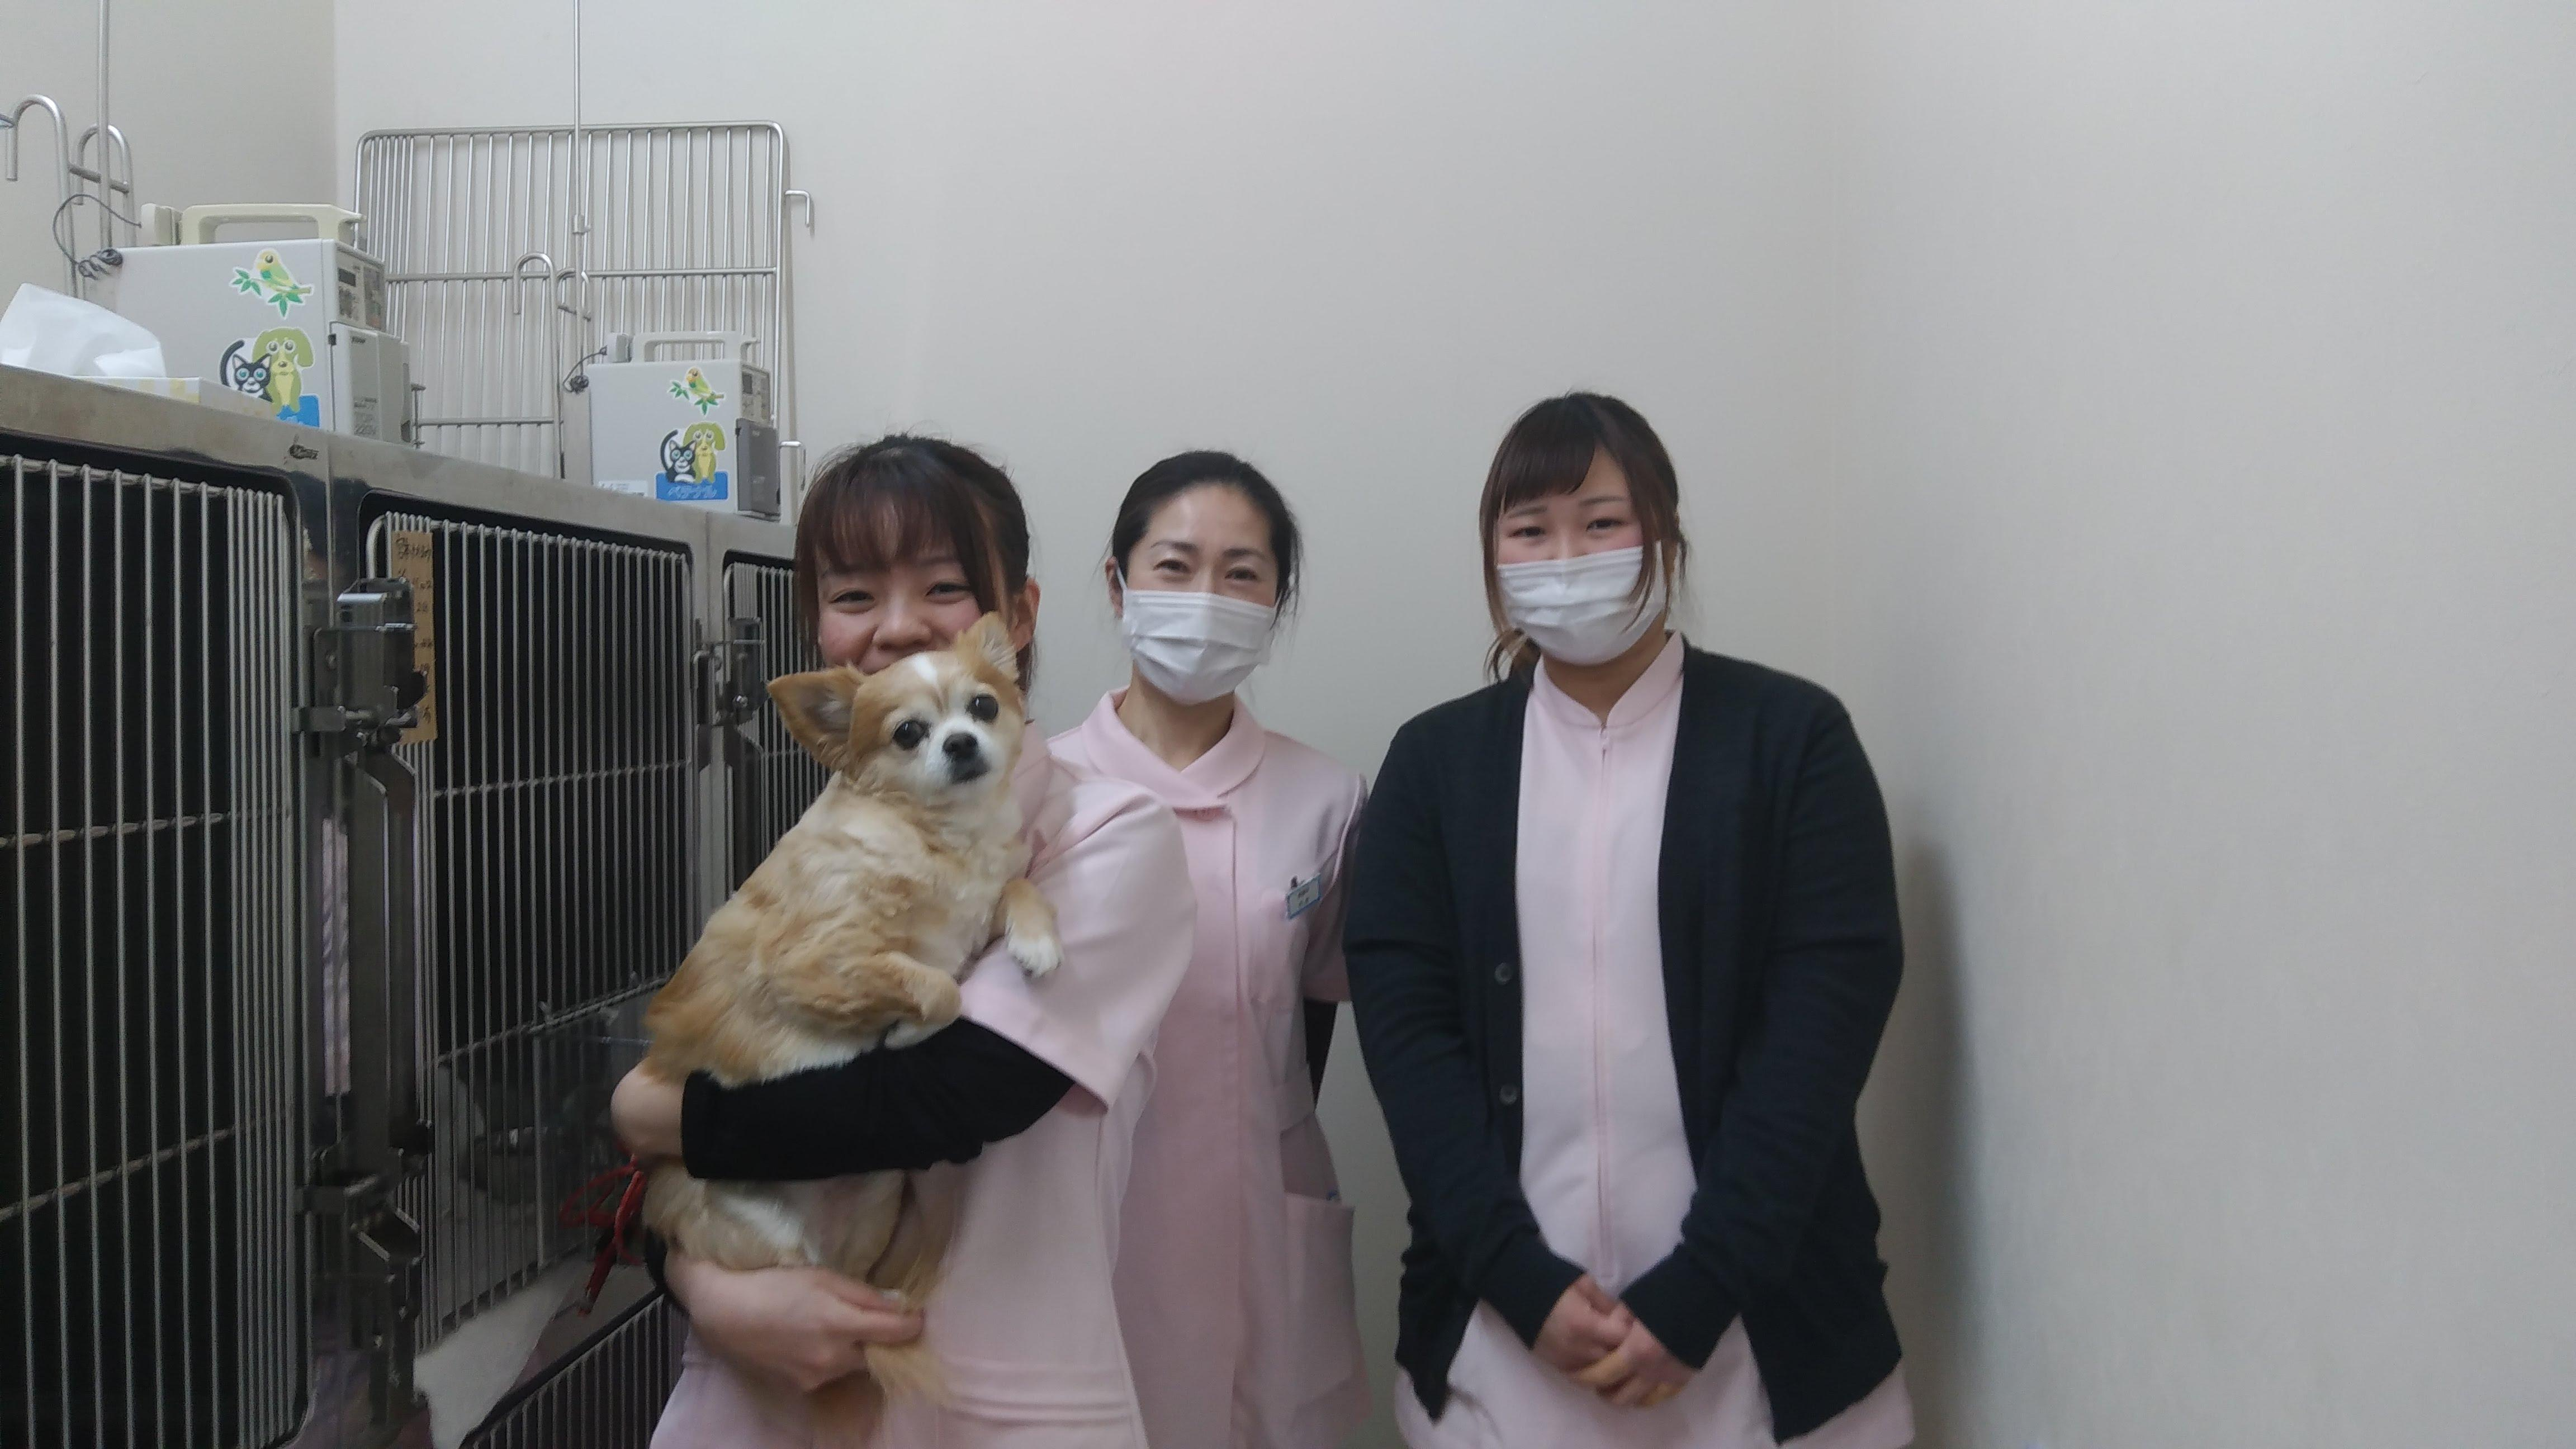 名古屋市天白区 しっぽ動物病院 動物看護師募集中!